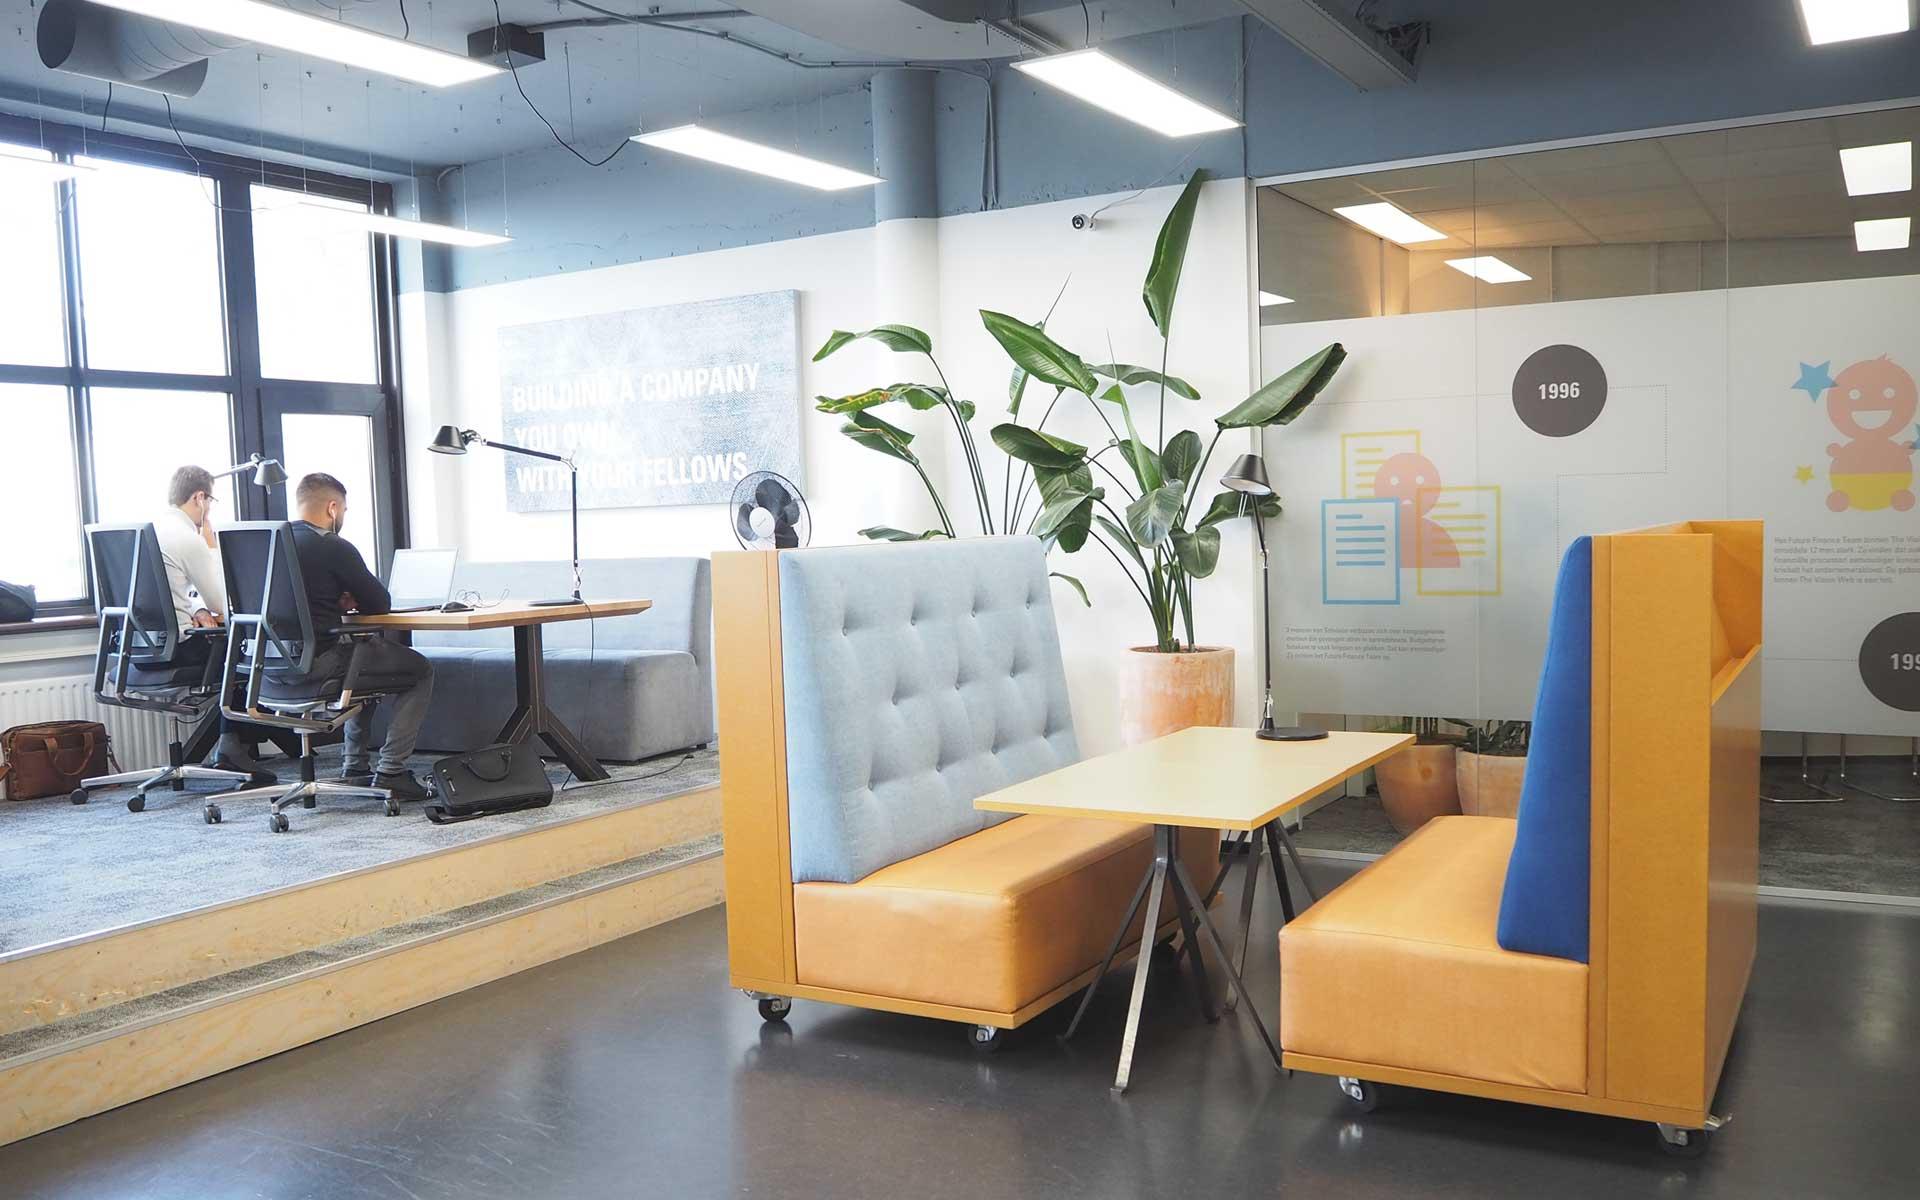 hergebruik-meubels-flexibele-inrichting